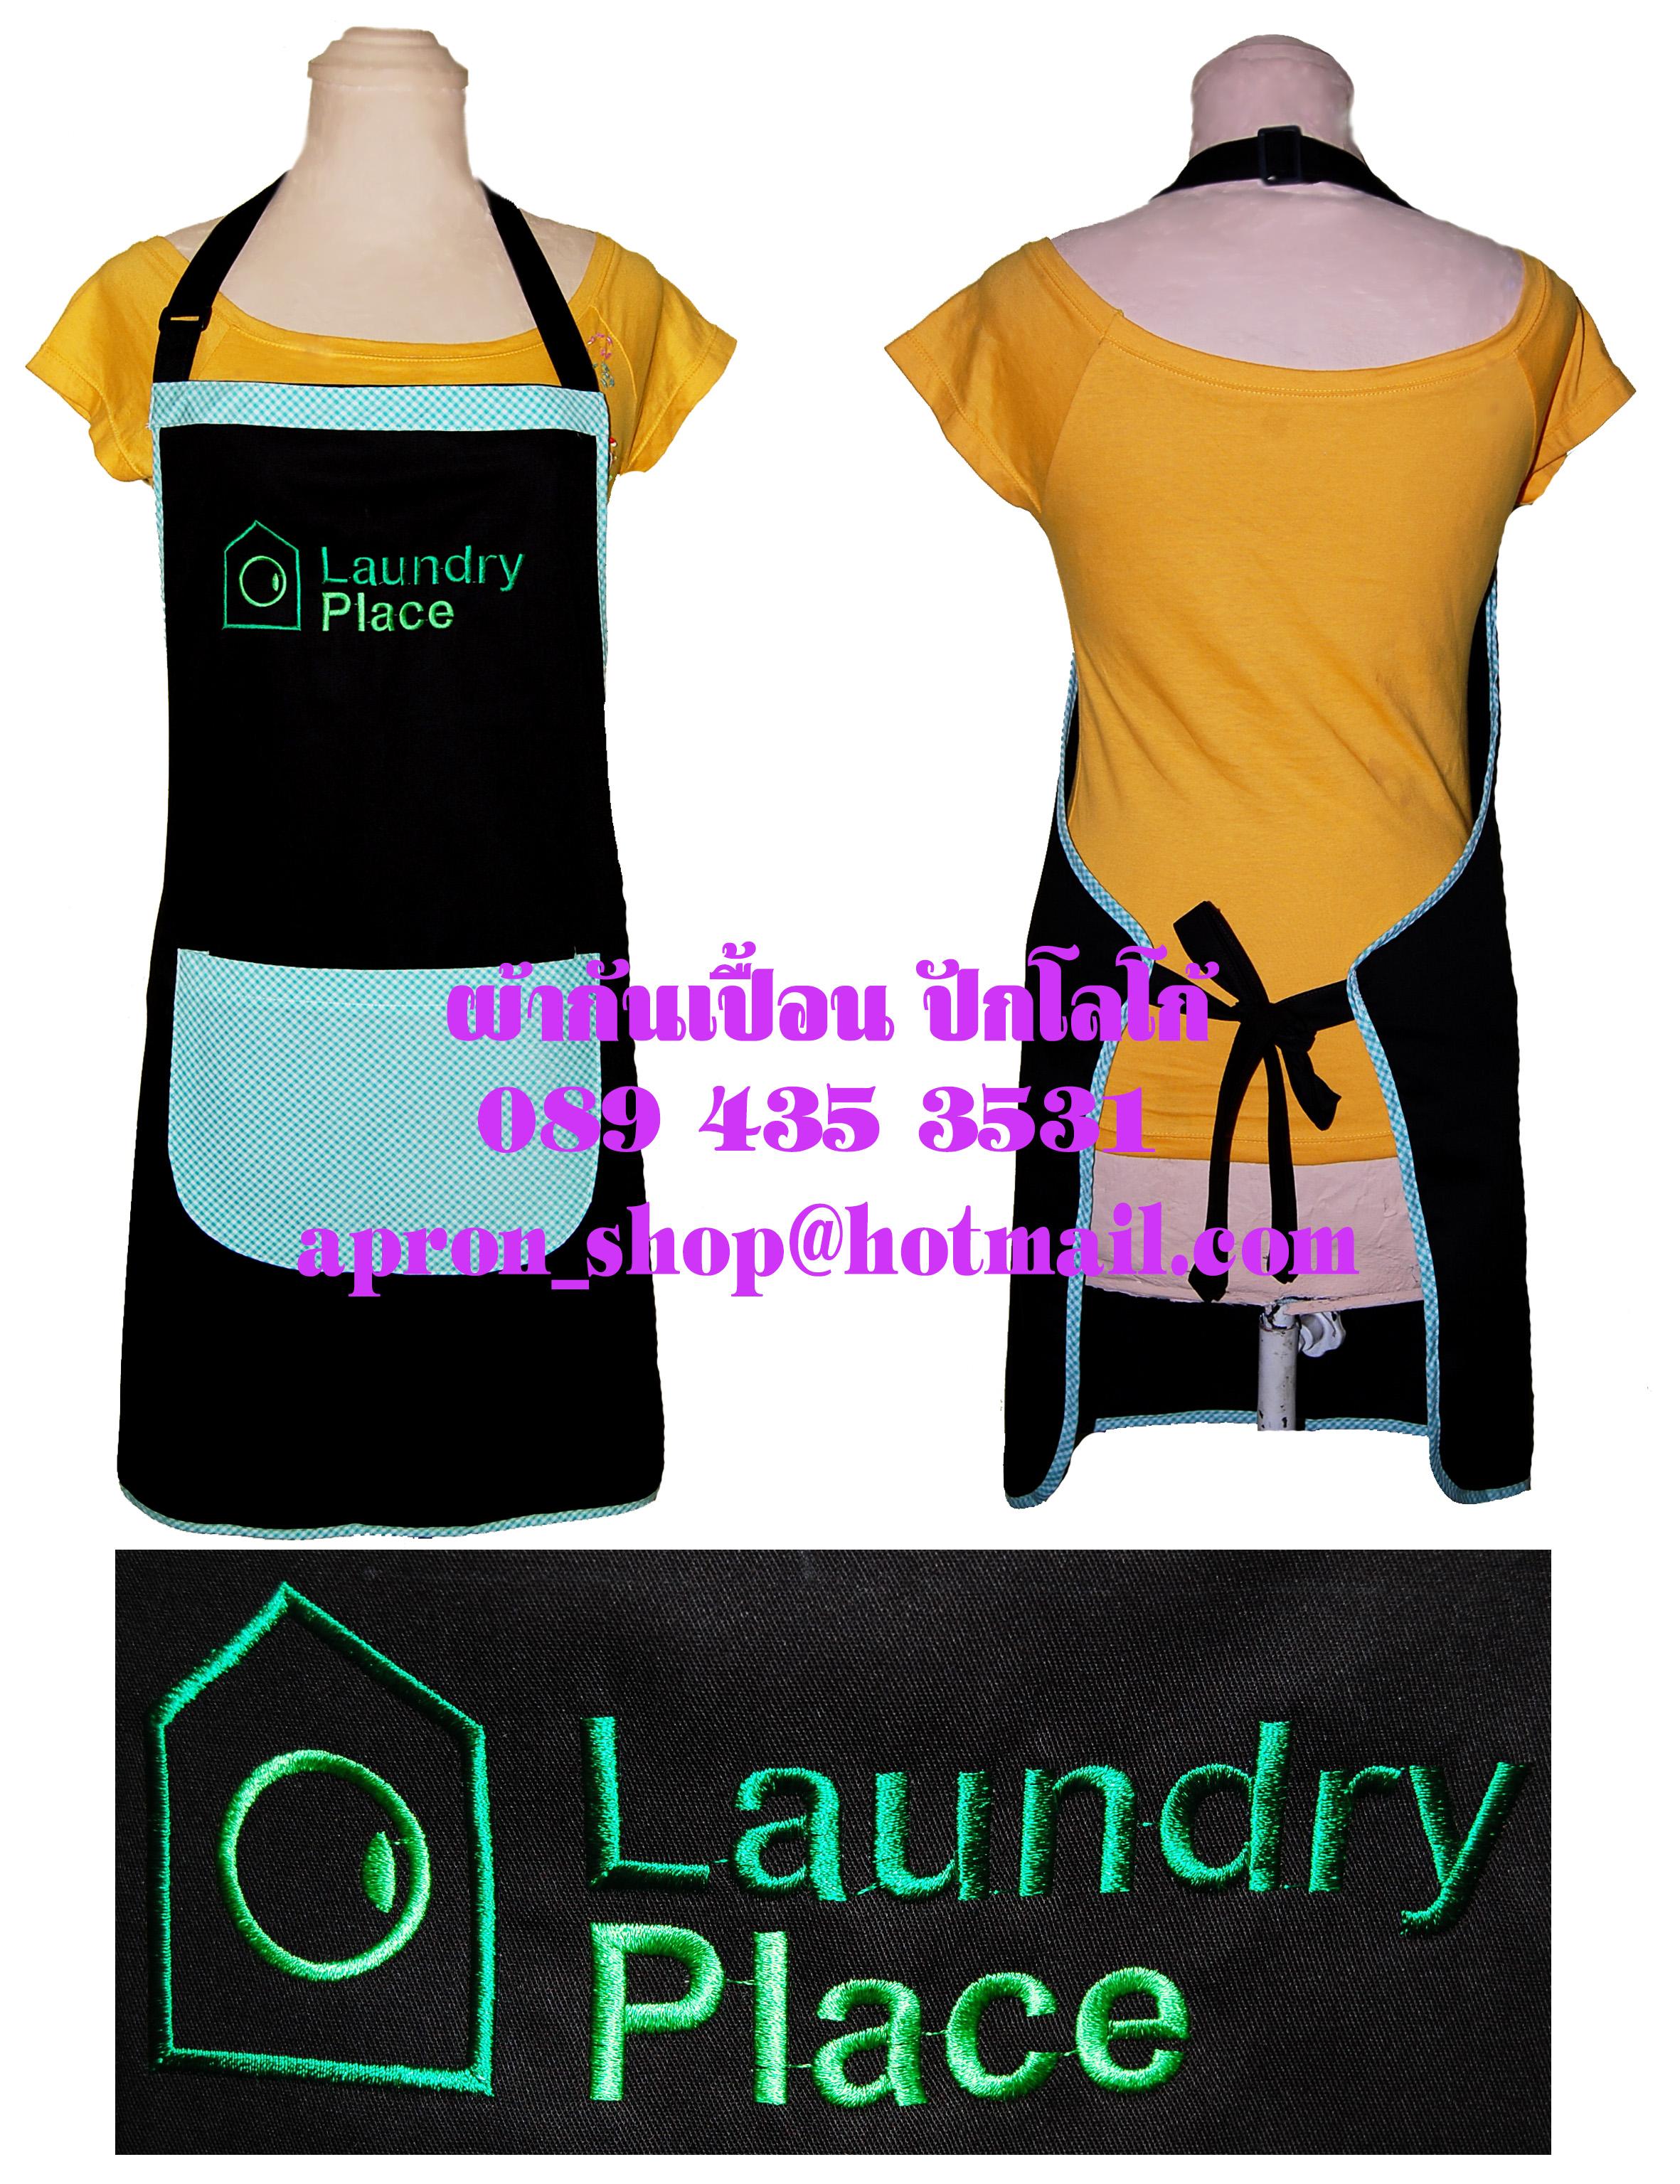 ผ้ากันเปื้อนเต็มตัว แบบร้านLoundry